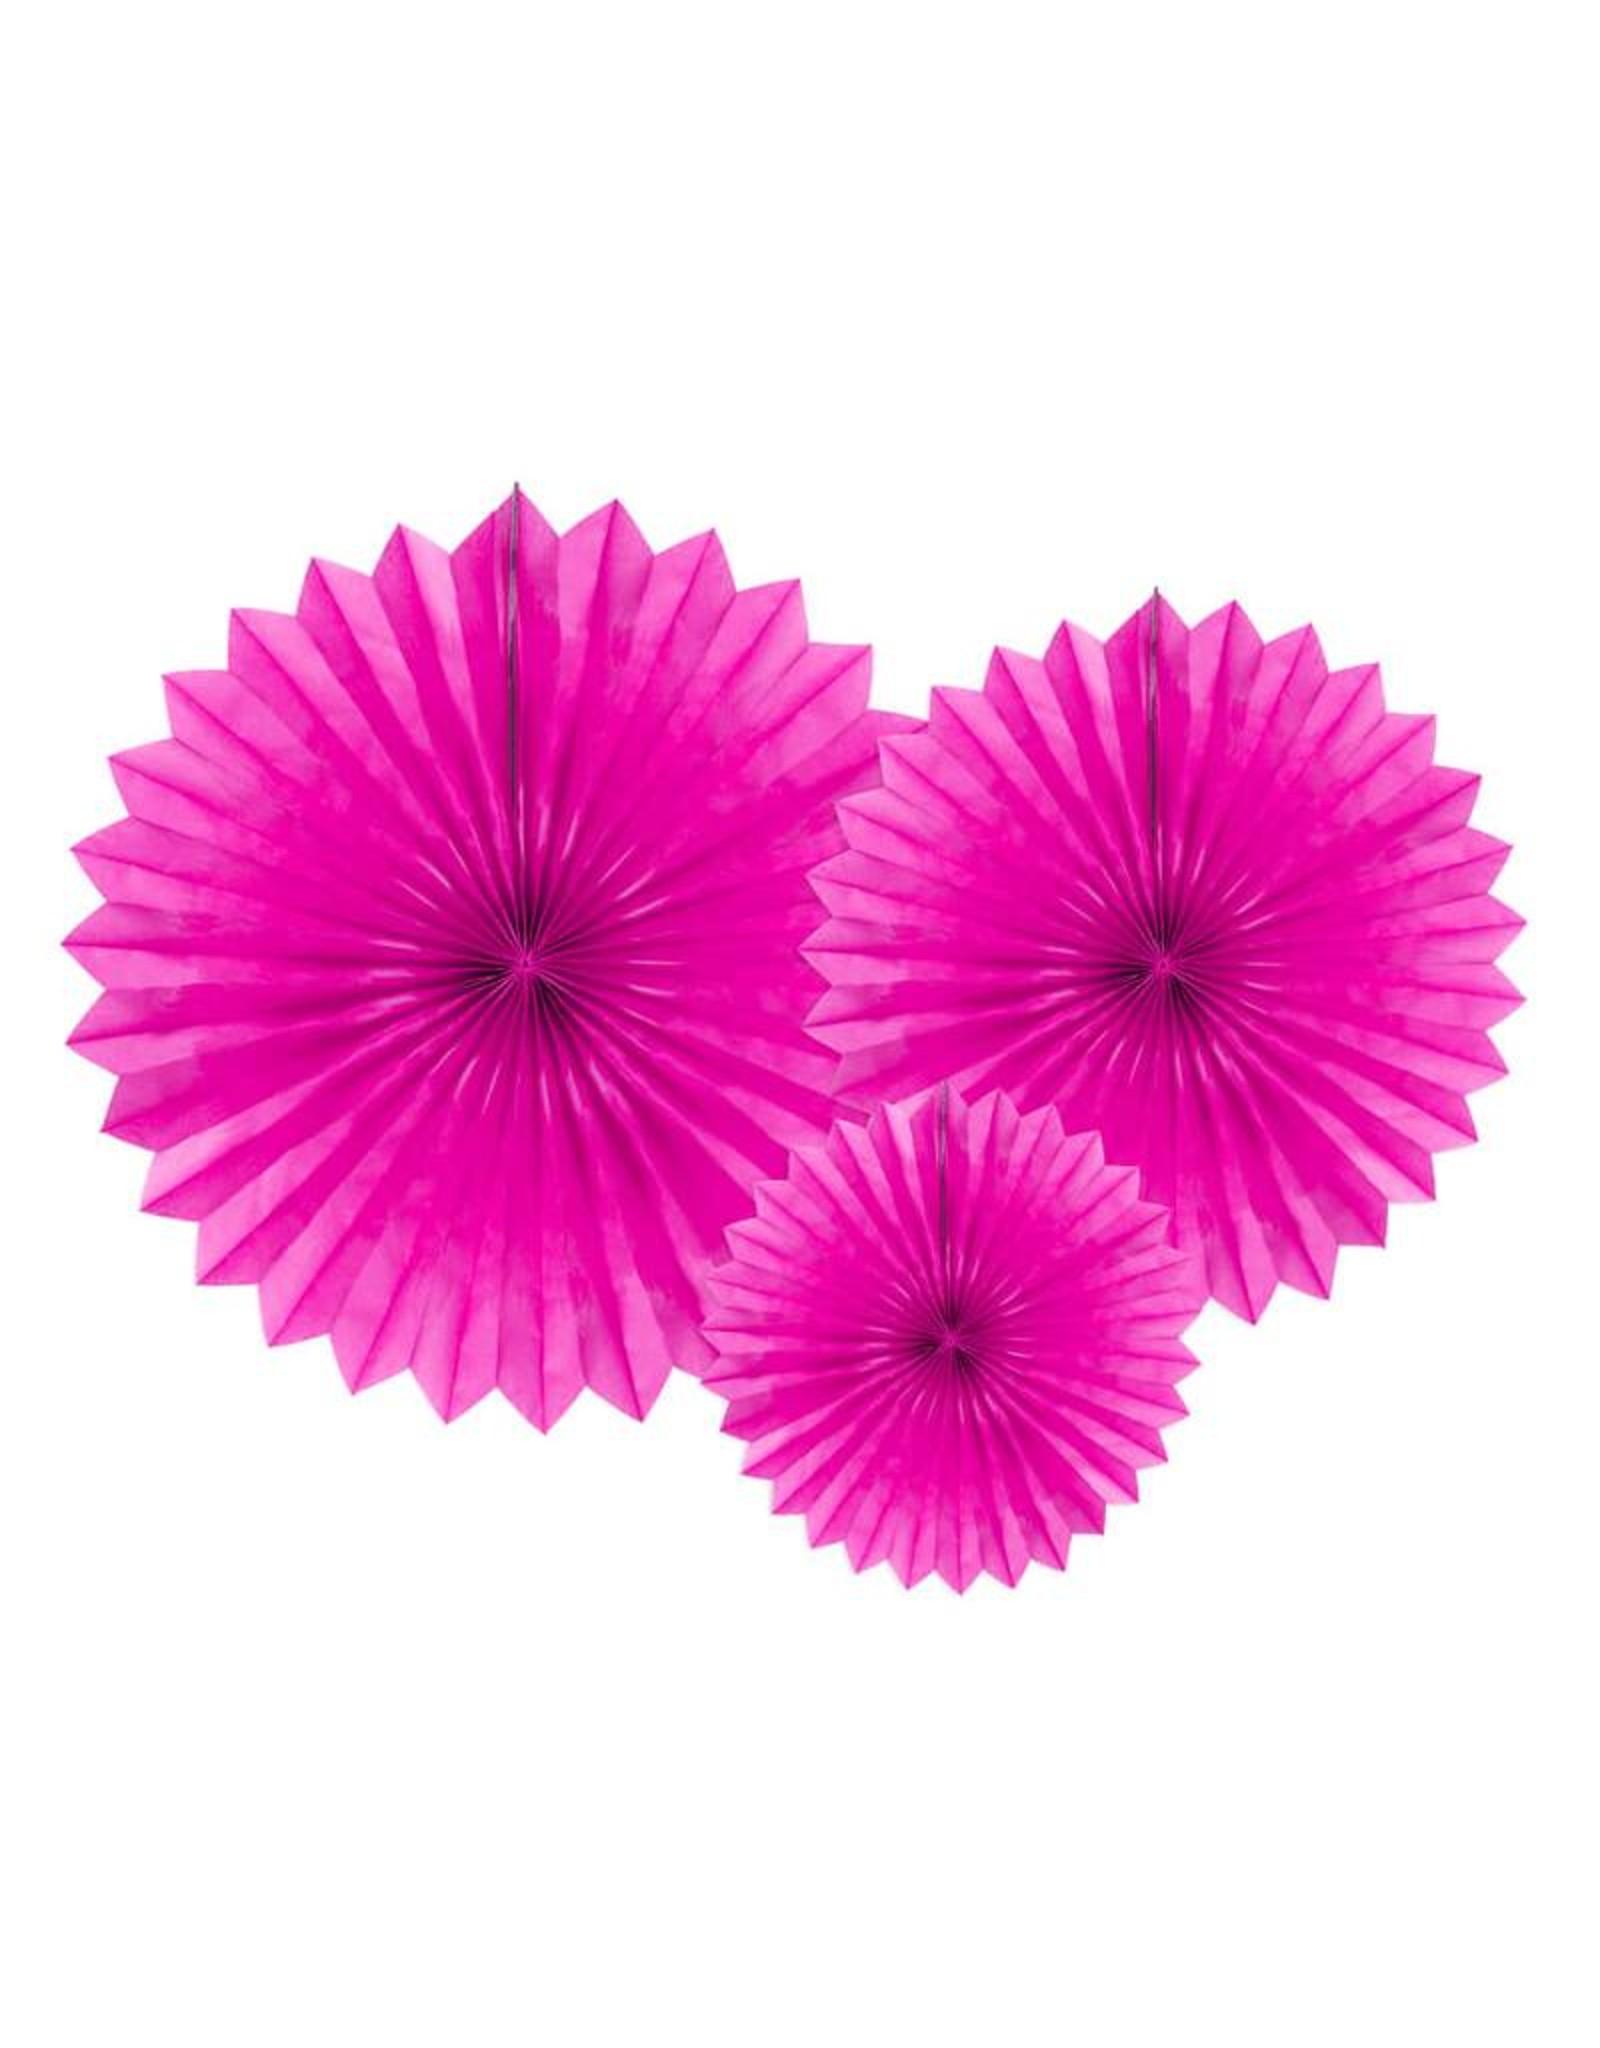 PartyDeco Papieren waaiers 'Tissue fans' roze | 3 stuks